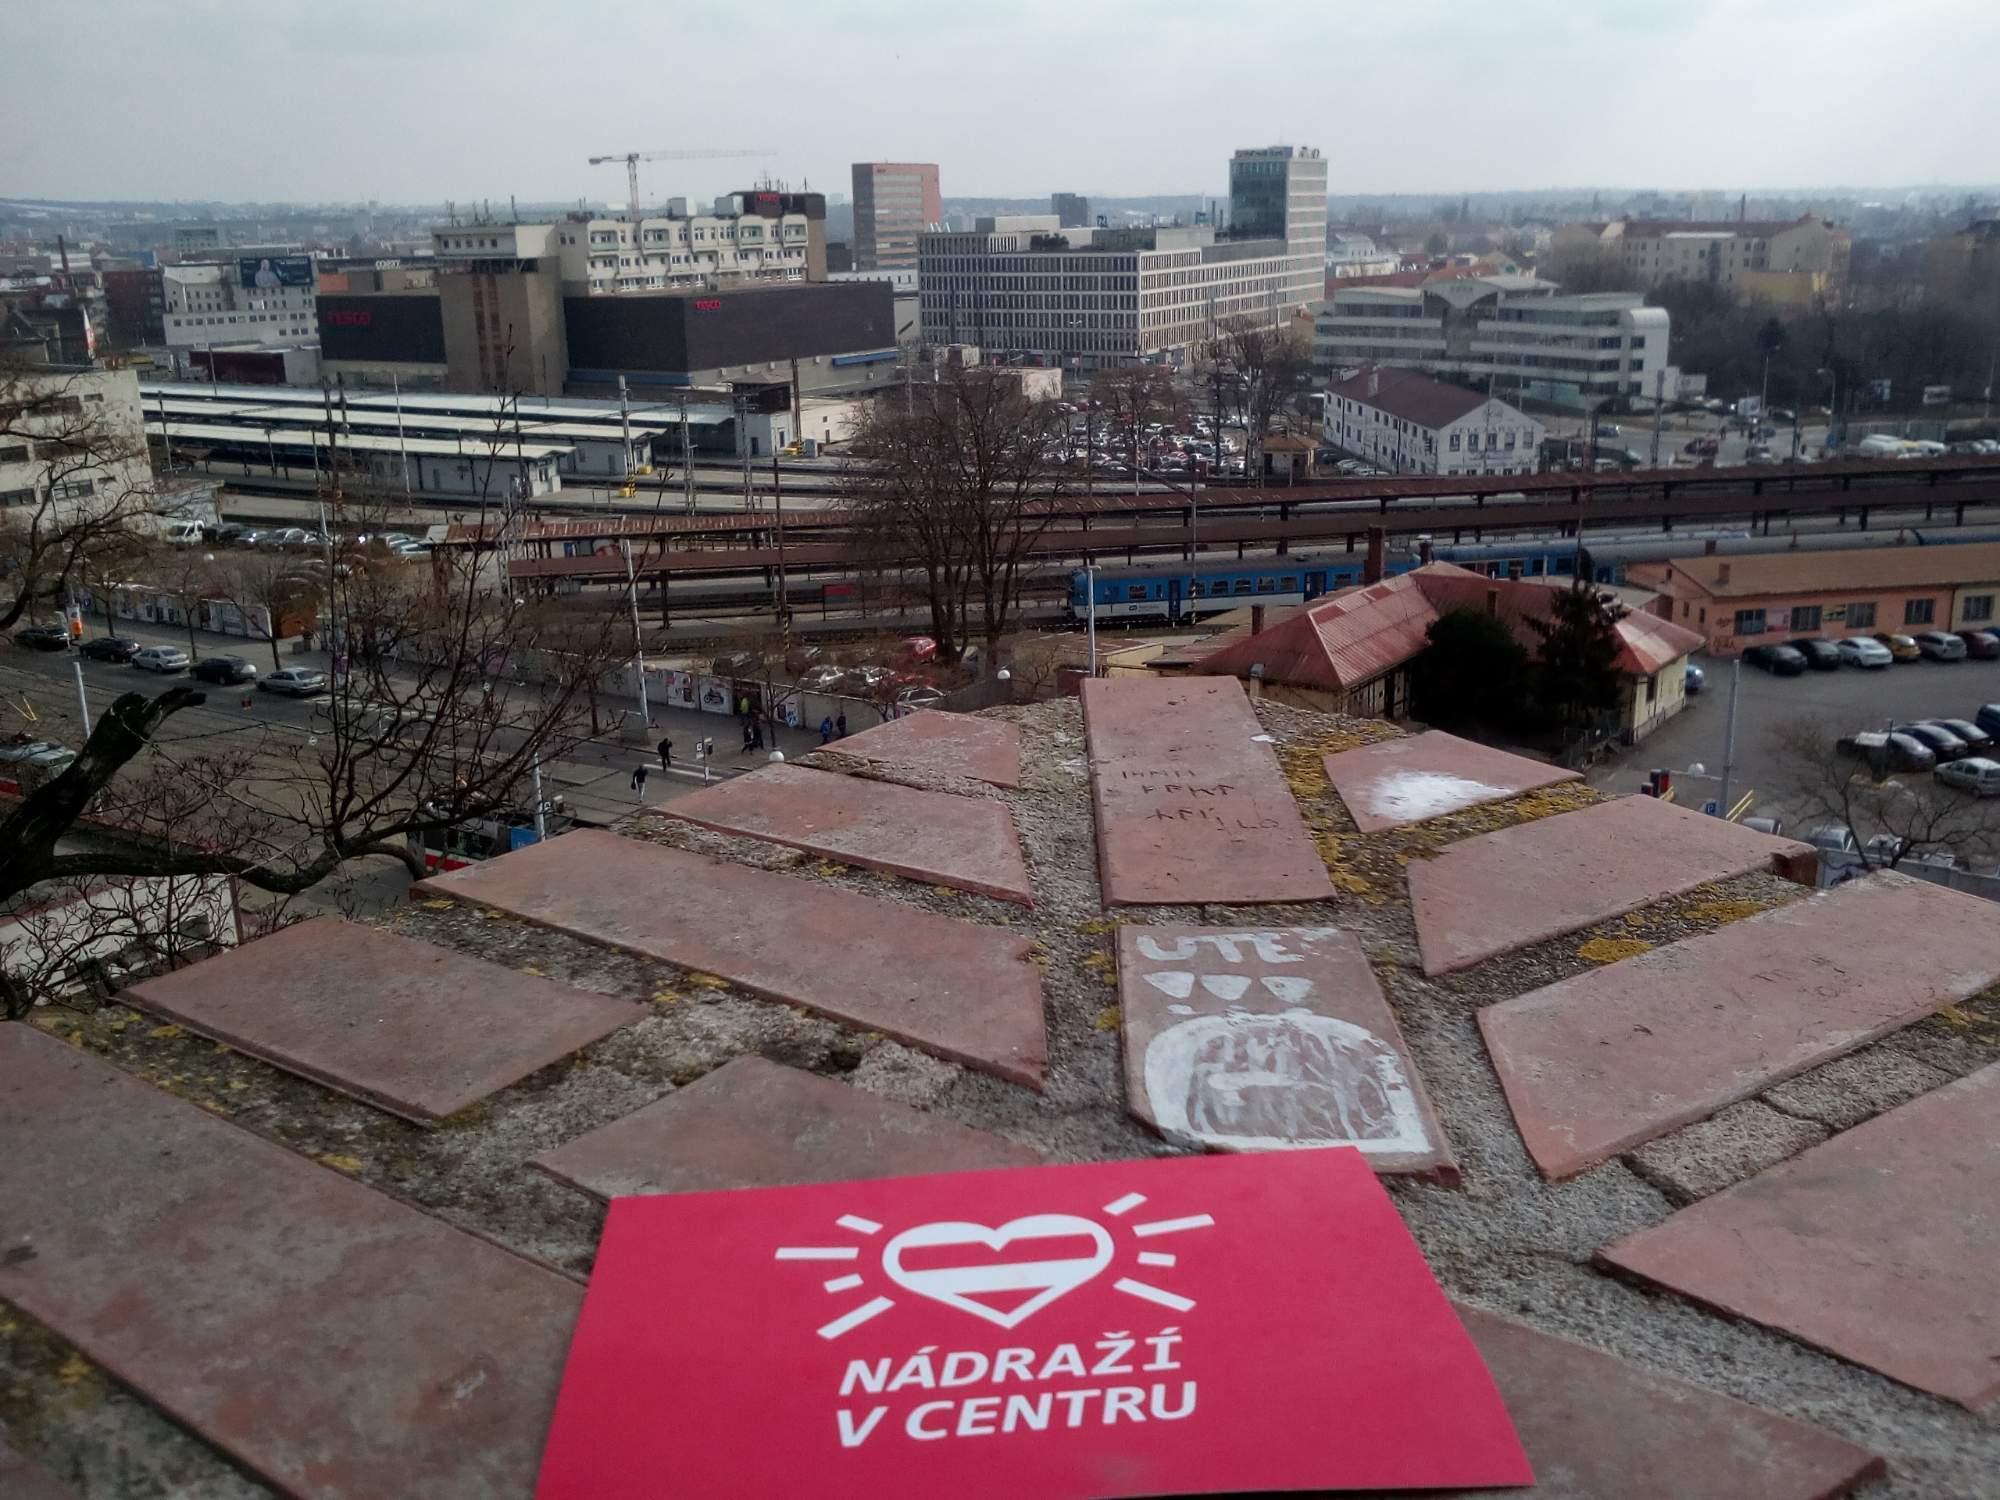 Nádraží v centru, FOTO: Sabina Vojtěchová